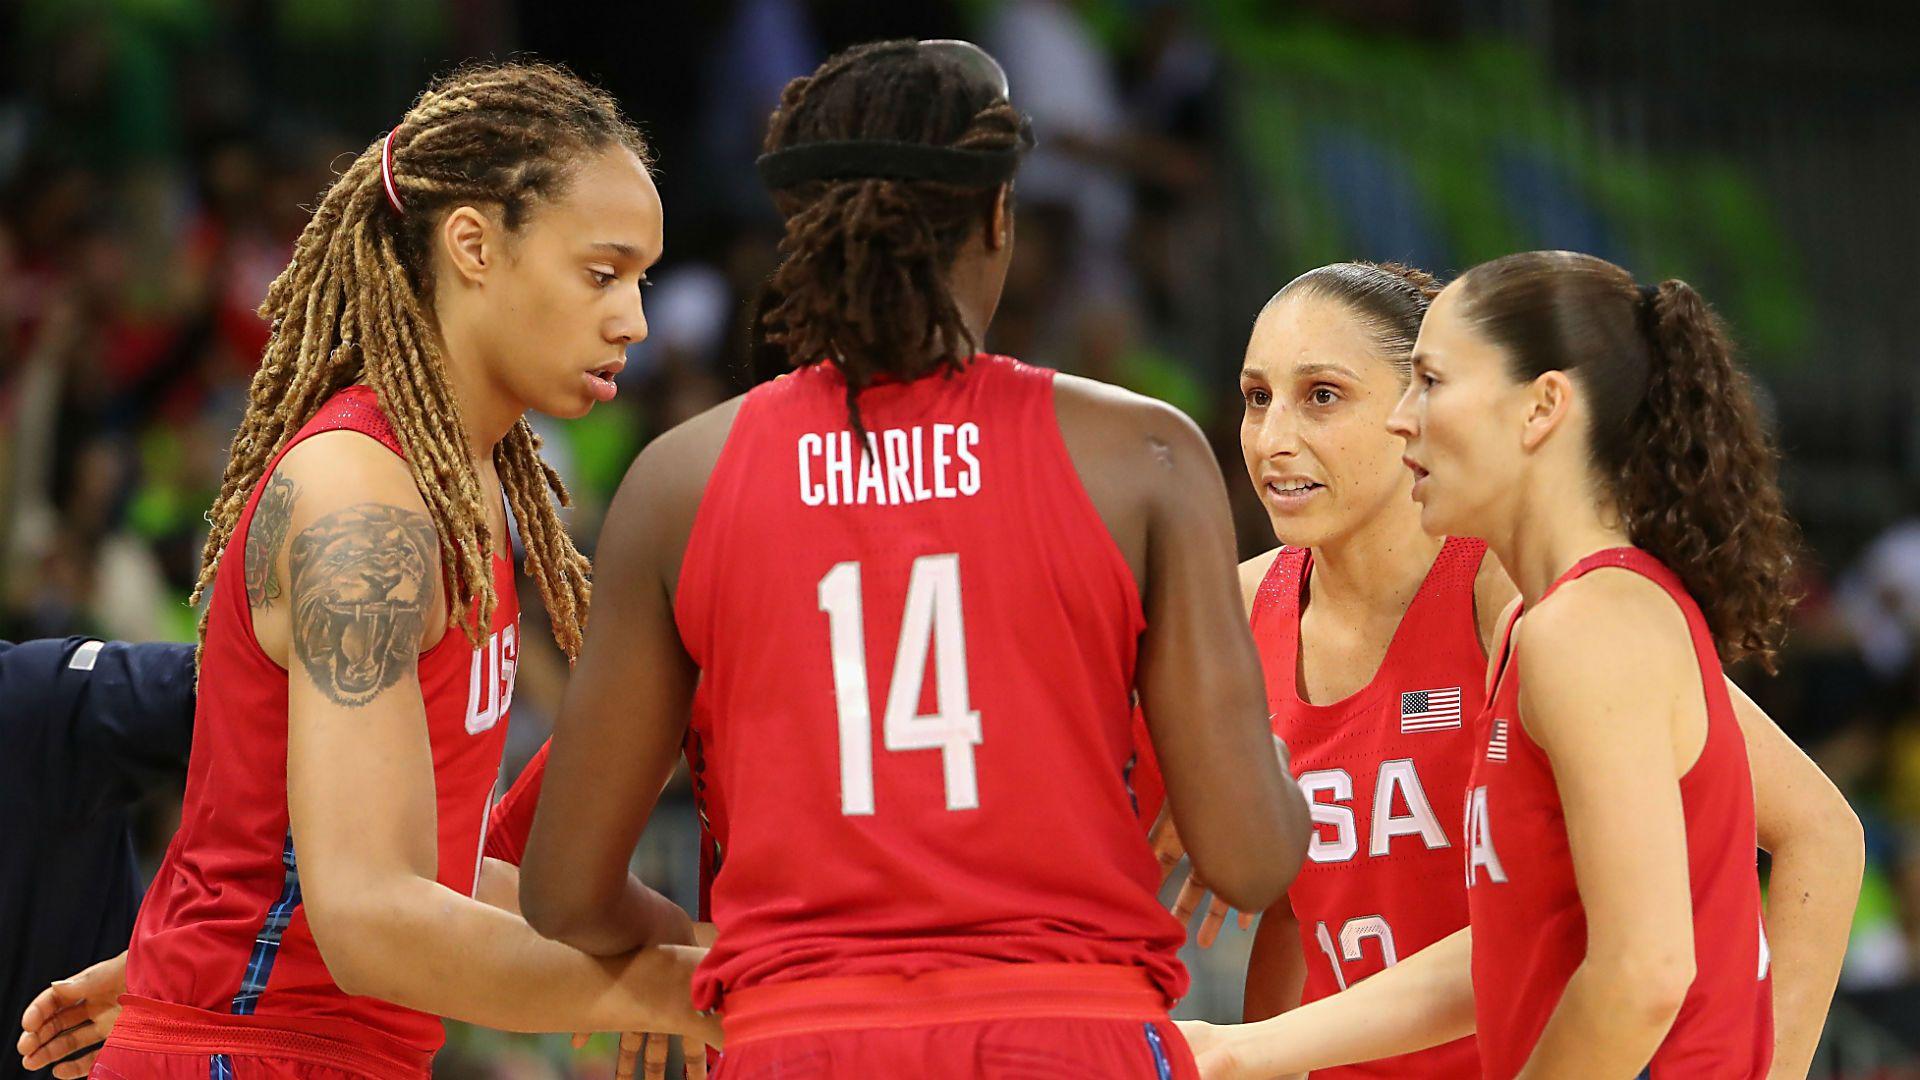 teamusawomensbasketball wins gold Nbc olympics